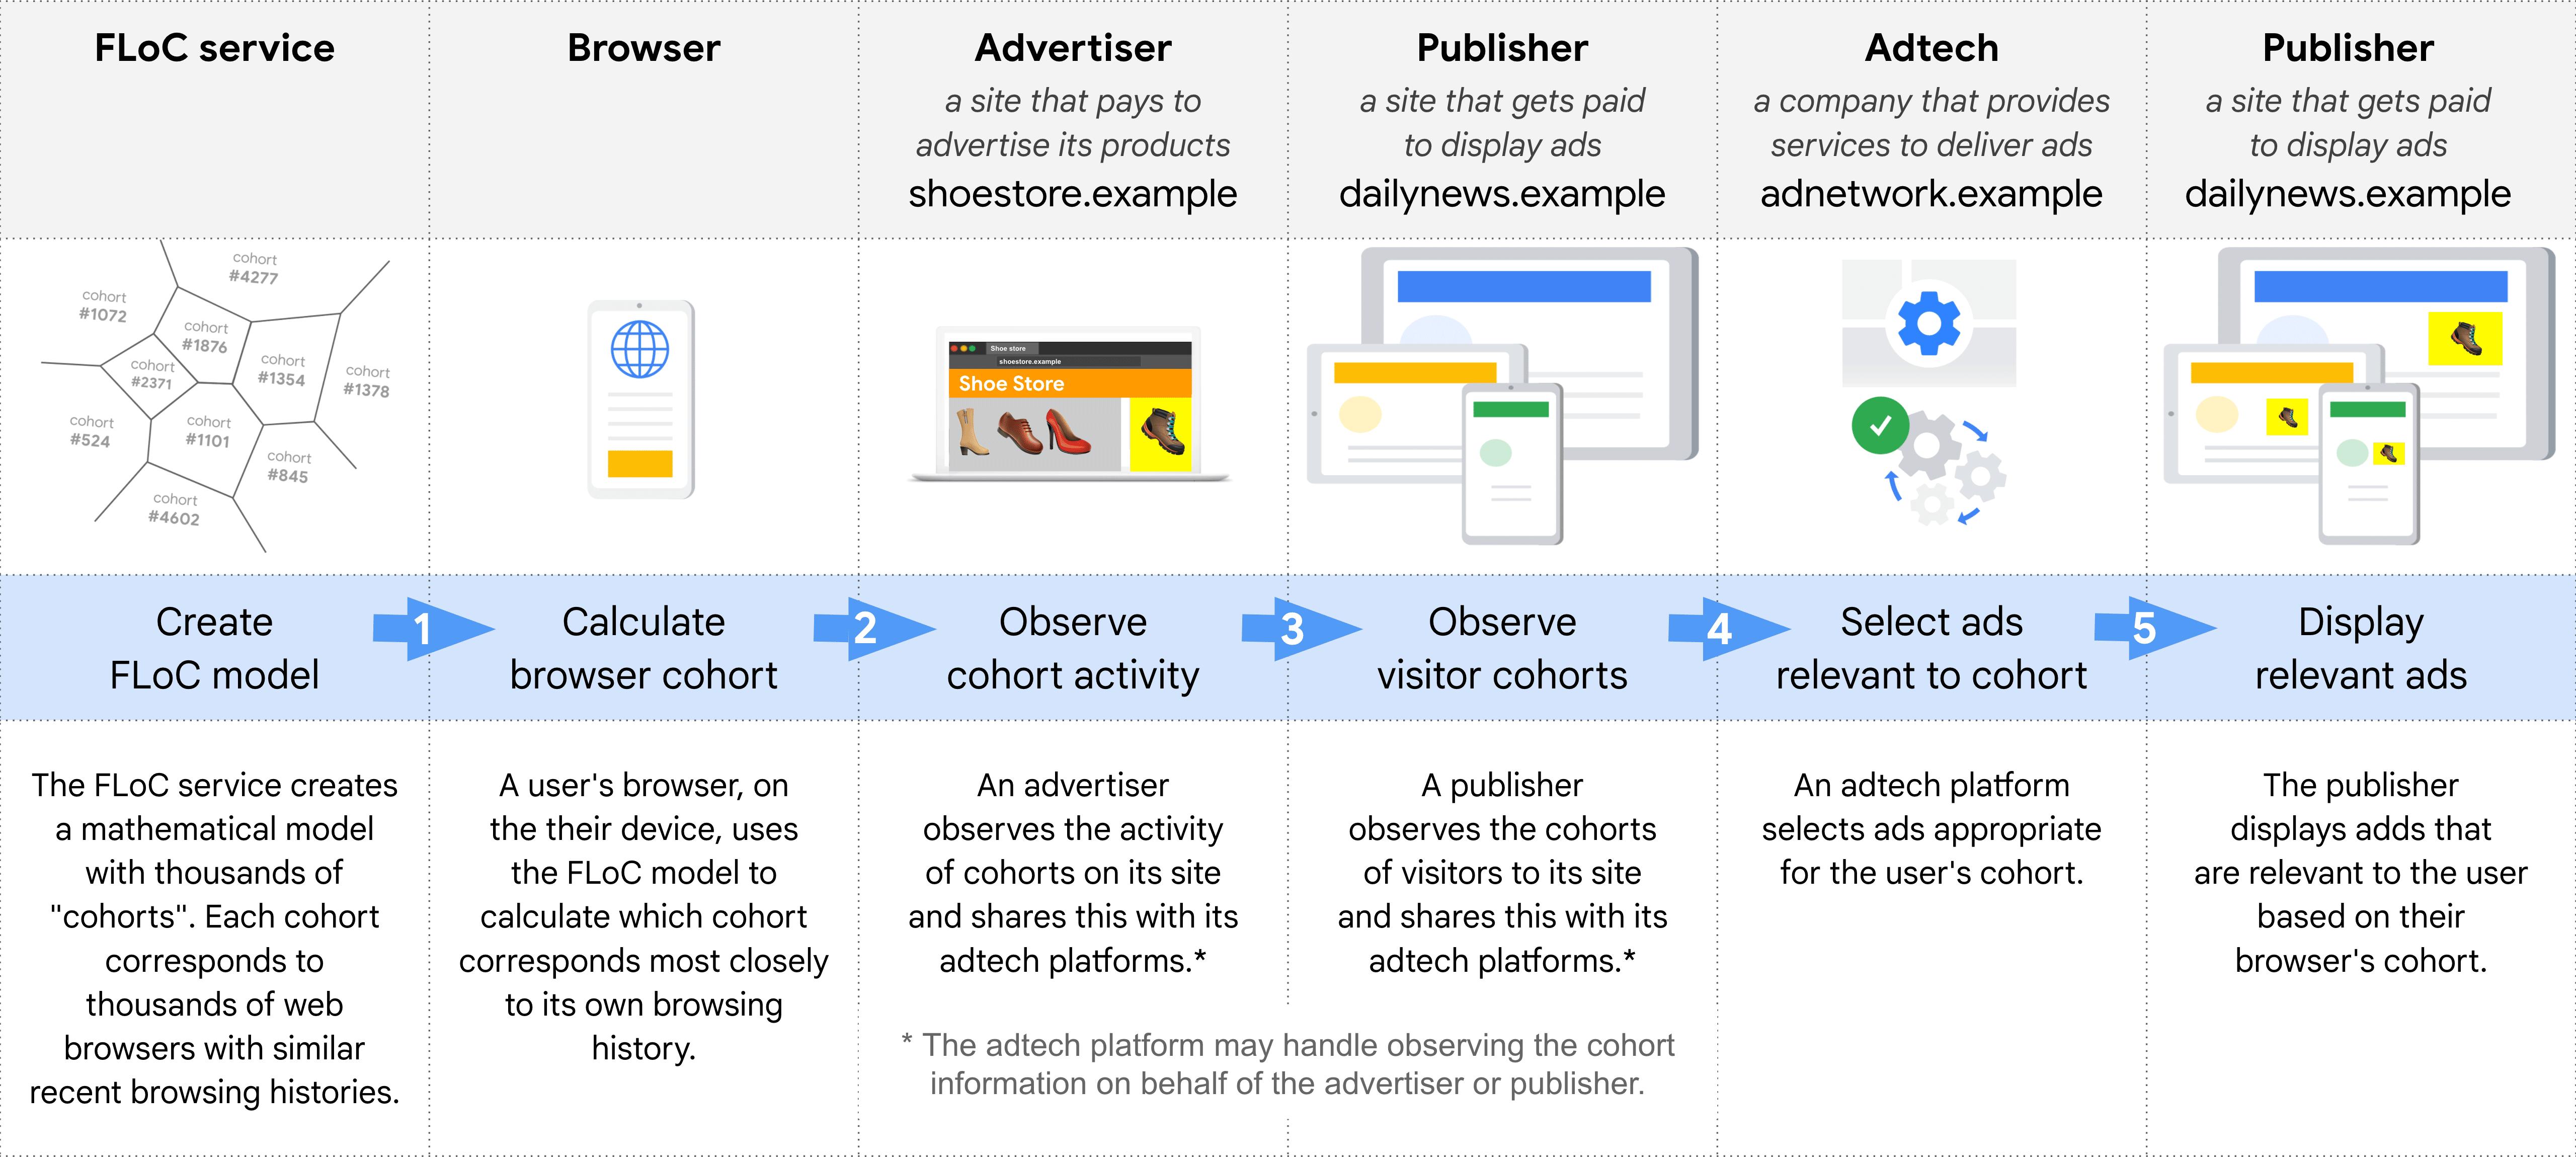 Diagrama mostrando, passo a passo, os diferentes papéis na seleção e entrega de um anúncio usando o FLoC: Serviço FLoC, Navegador, Anunciantes, Editor (para observar as coortes), Tecnologia de anúncios, Editor (para exibir os anúncios)